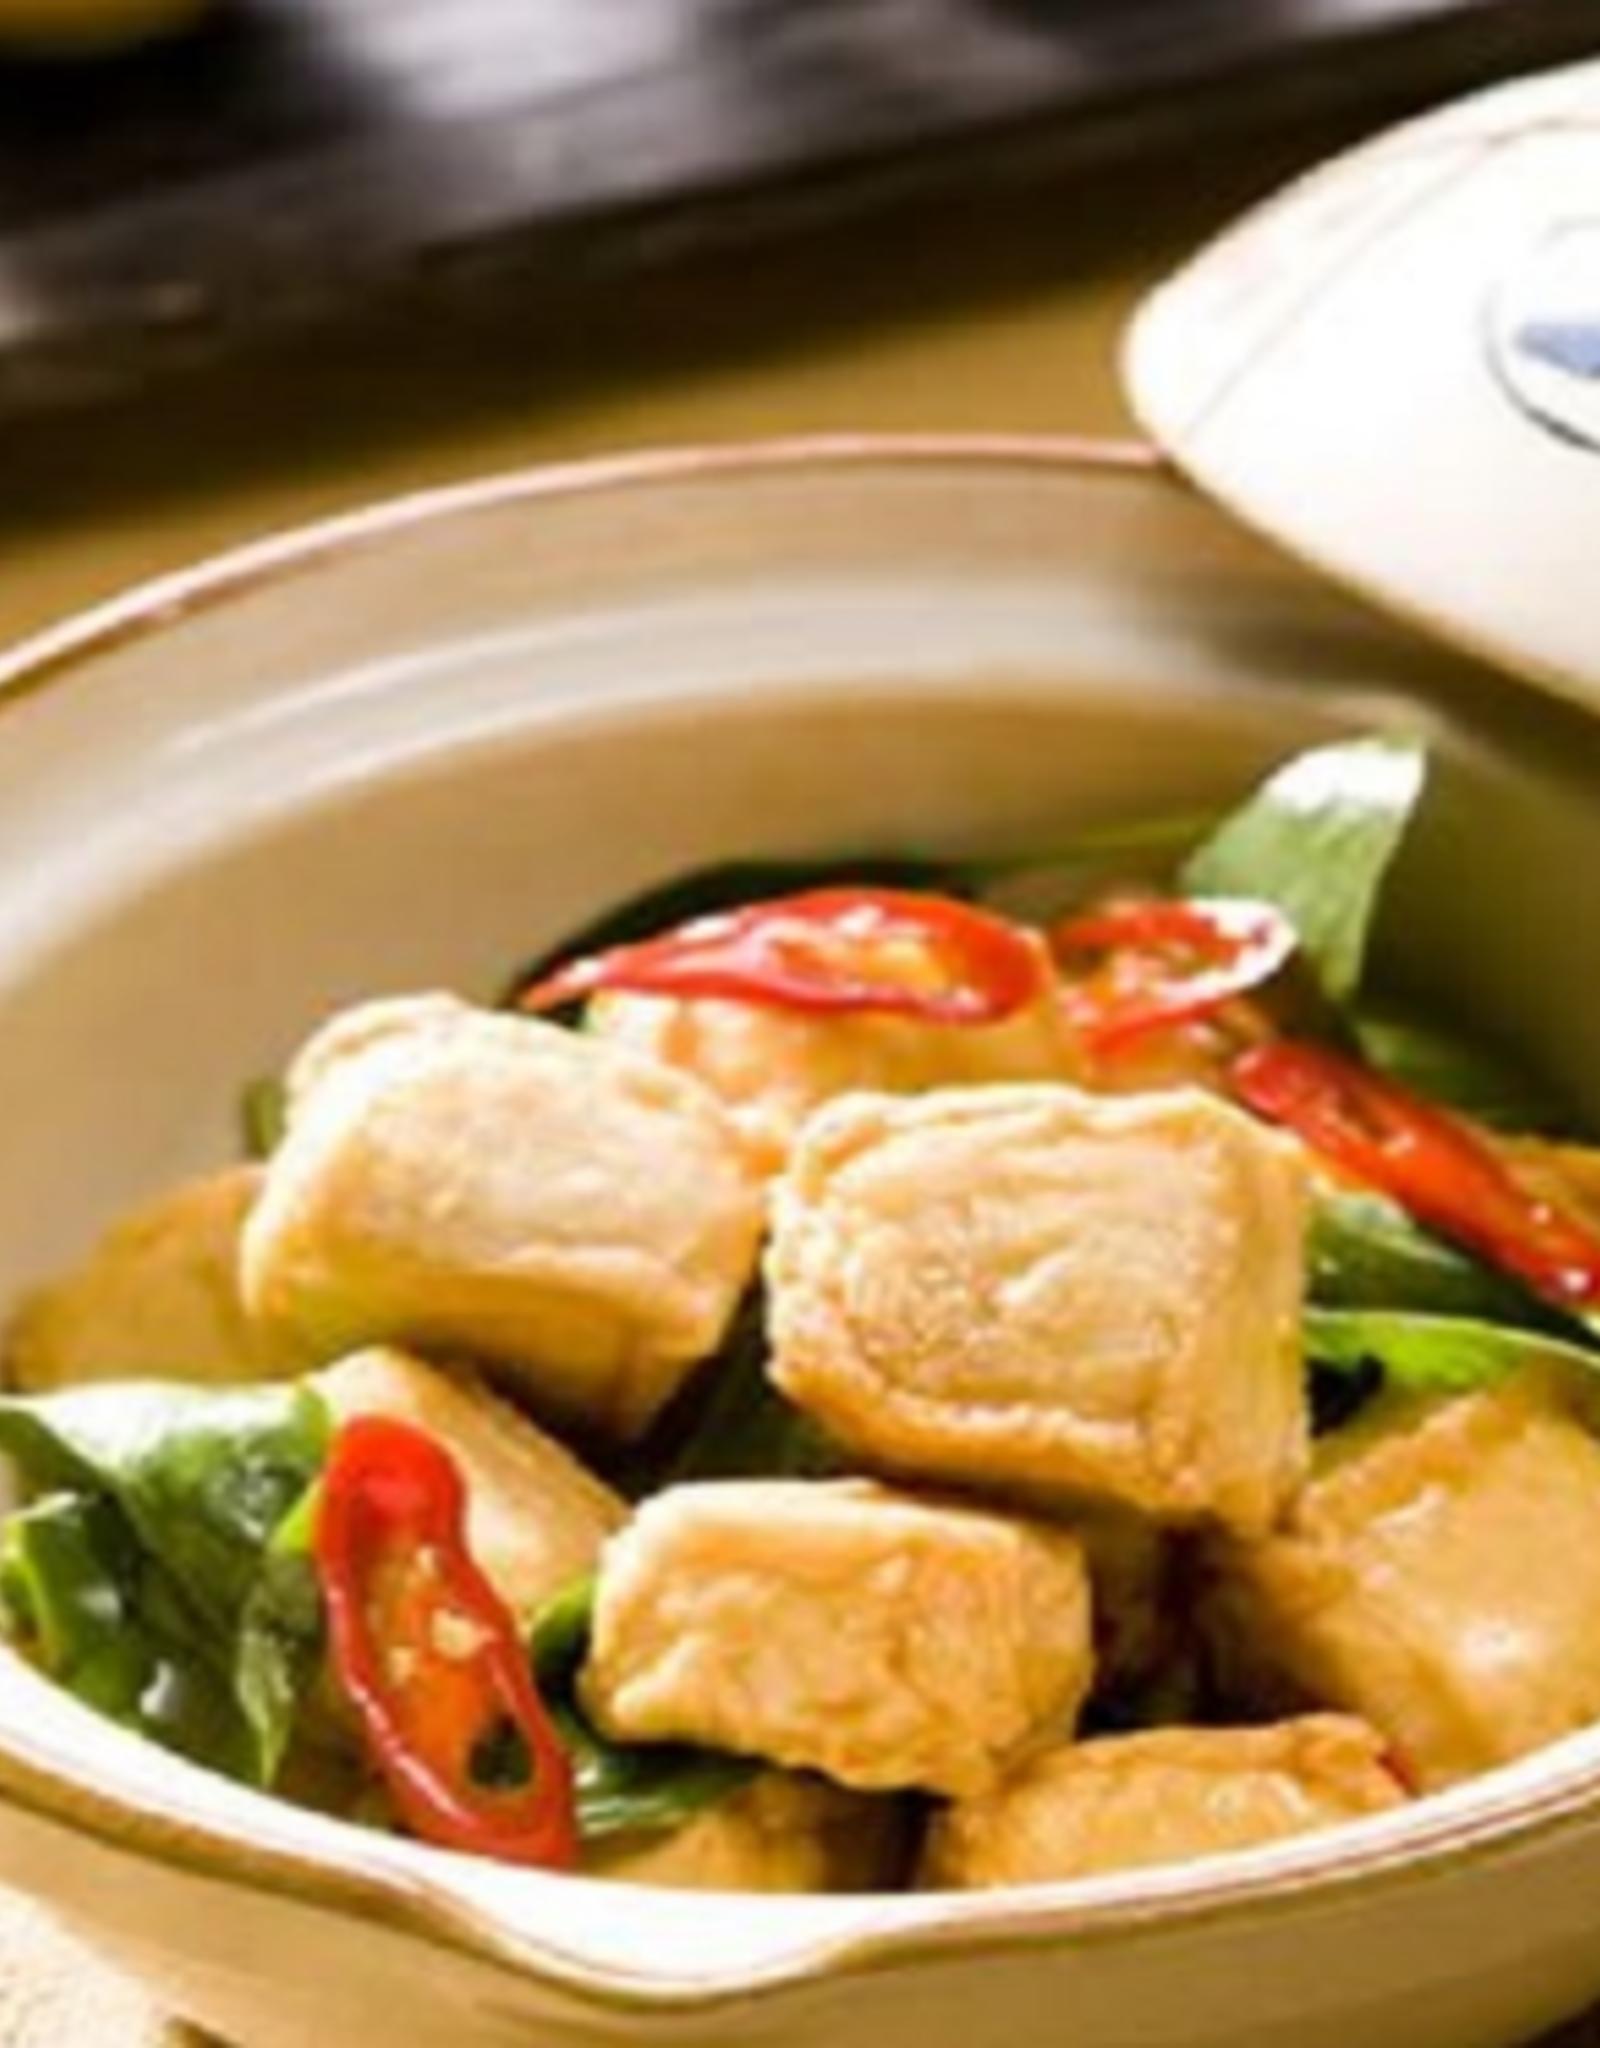 Vegefarm * 松珍 (VF) Vegan Fish Tofu (L)*(松珍) 珍香魚豆腐 (L)